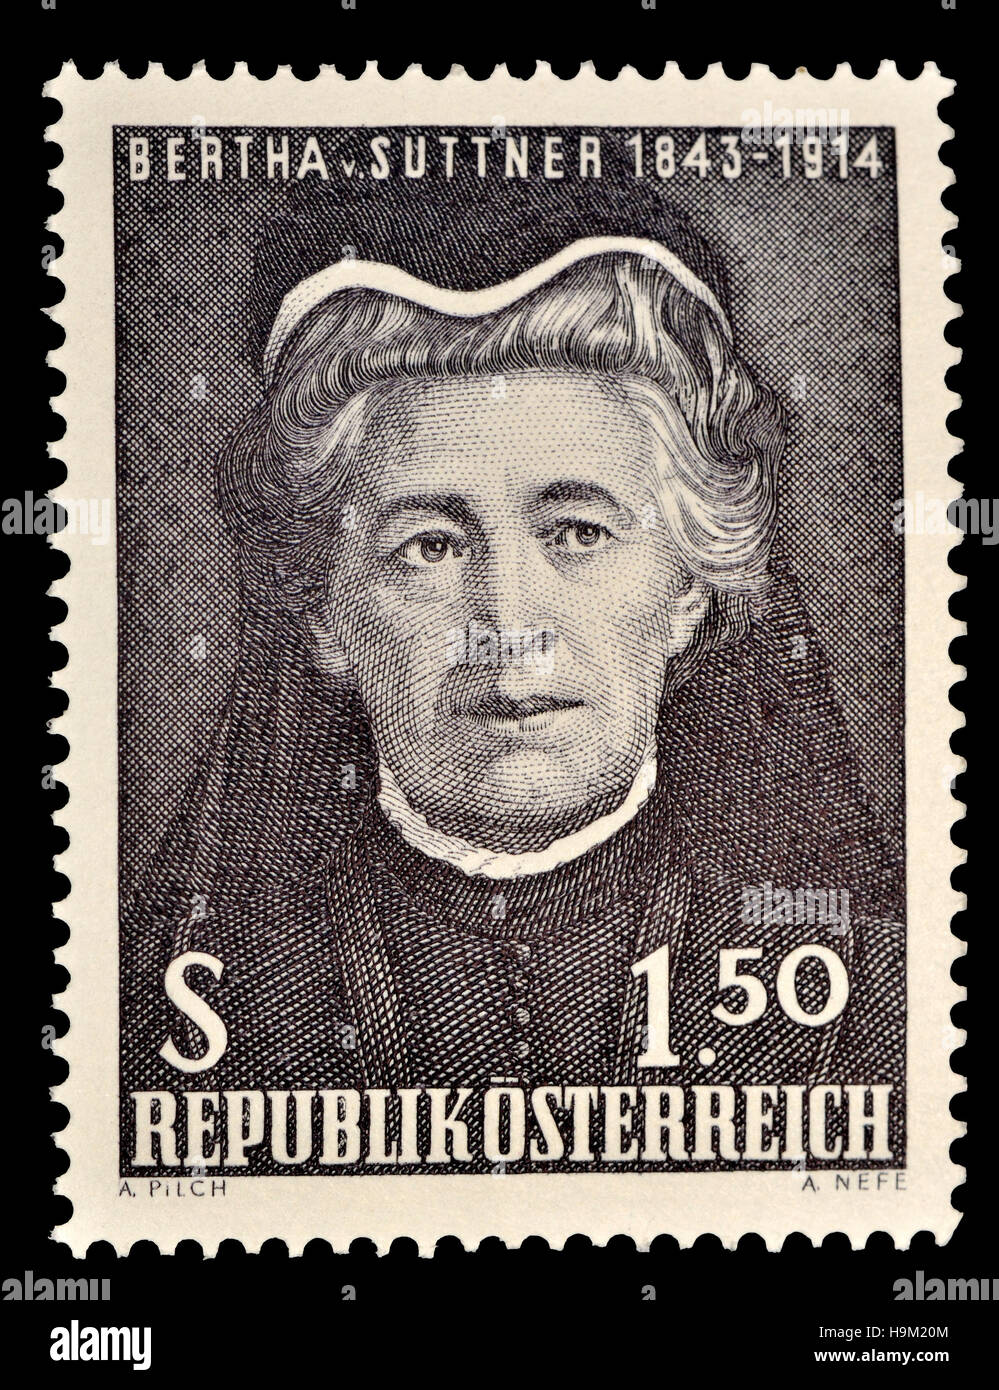 Österreichische Briefmarke (1965): Bertha Felicitas Sophie Freifrau von Suttner (1843-1914) Tschechische / Stockbild